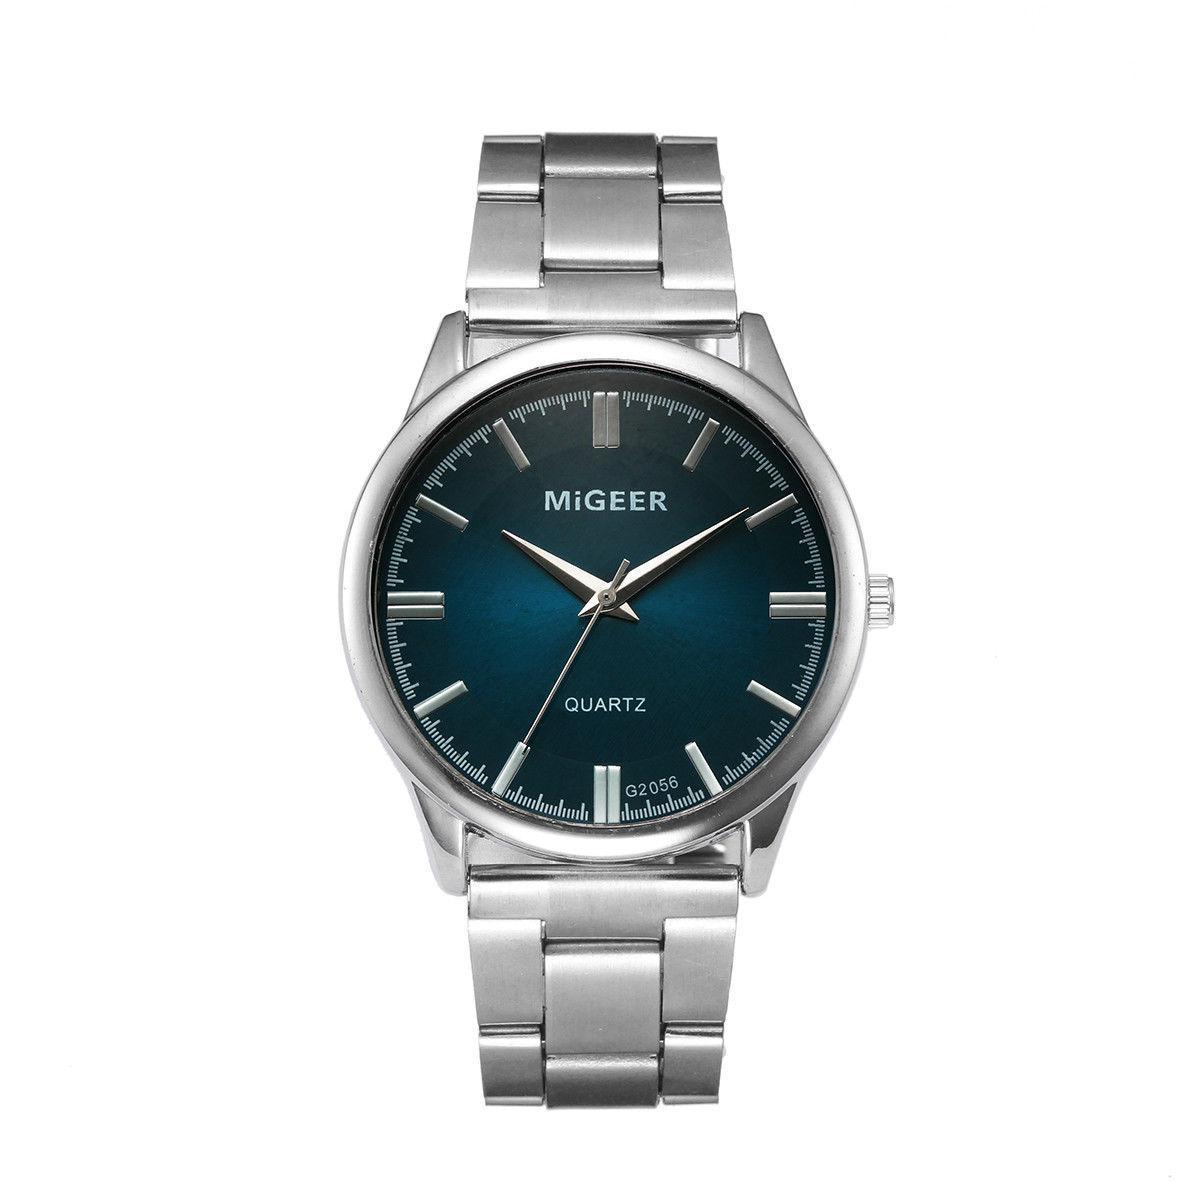 Мужские повседневные наручные часы «Migger» с металлическим браслетом (зеленый циферблат)